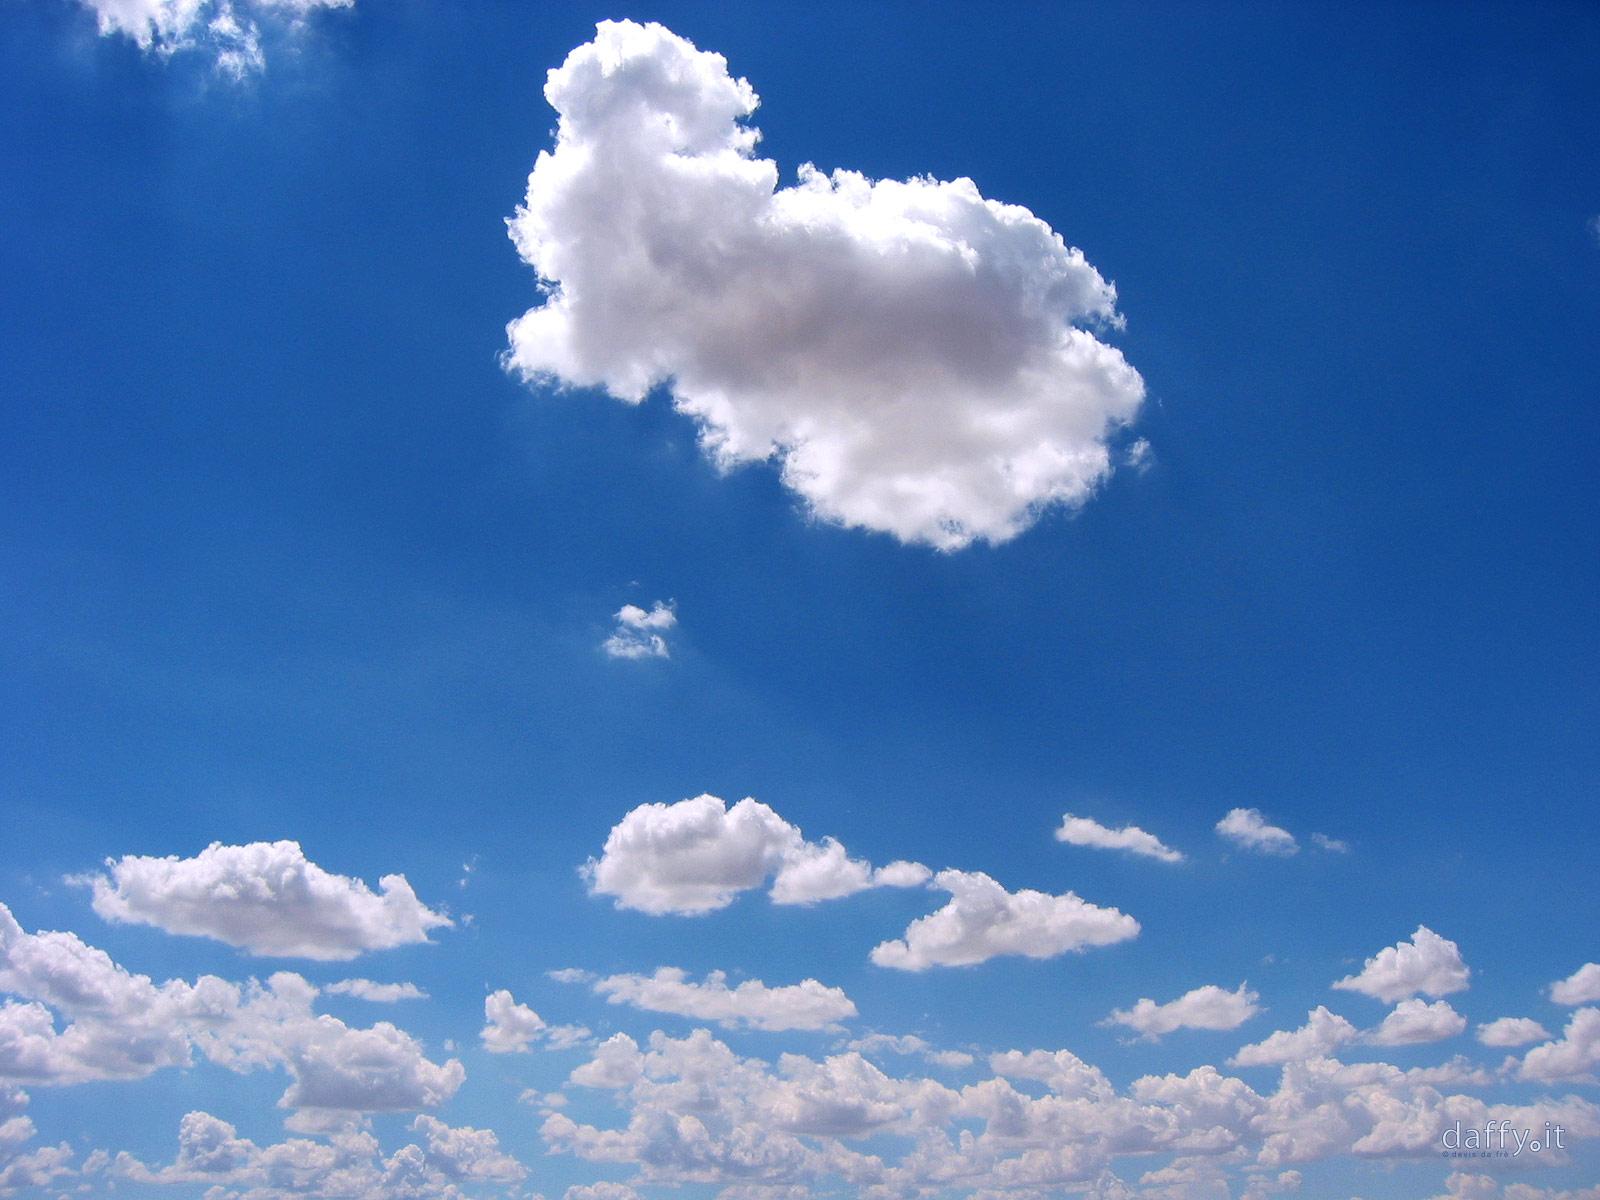 Una Joven Católica: ¿Crees en el Cielo?